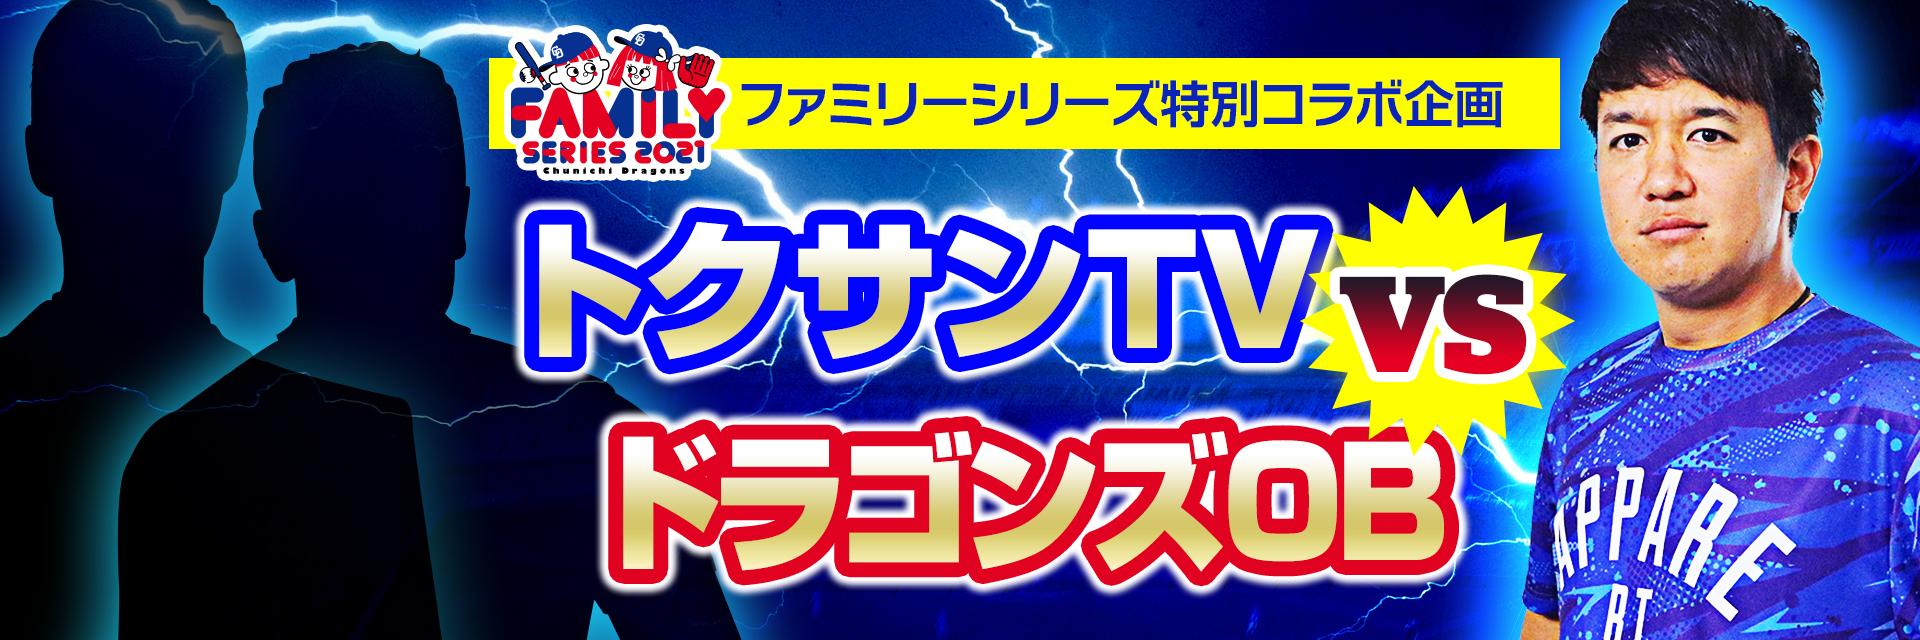 「トクサンTV」とドラゴンズOBの対決企画が3日、4日の試合終了後に行われる